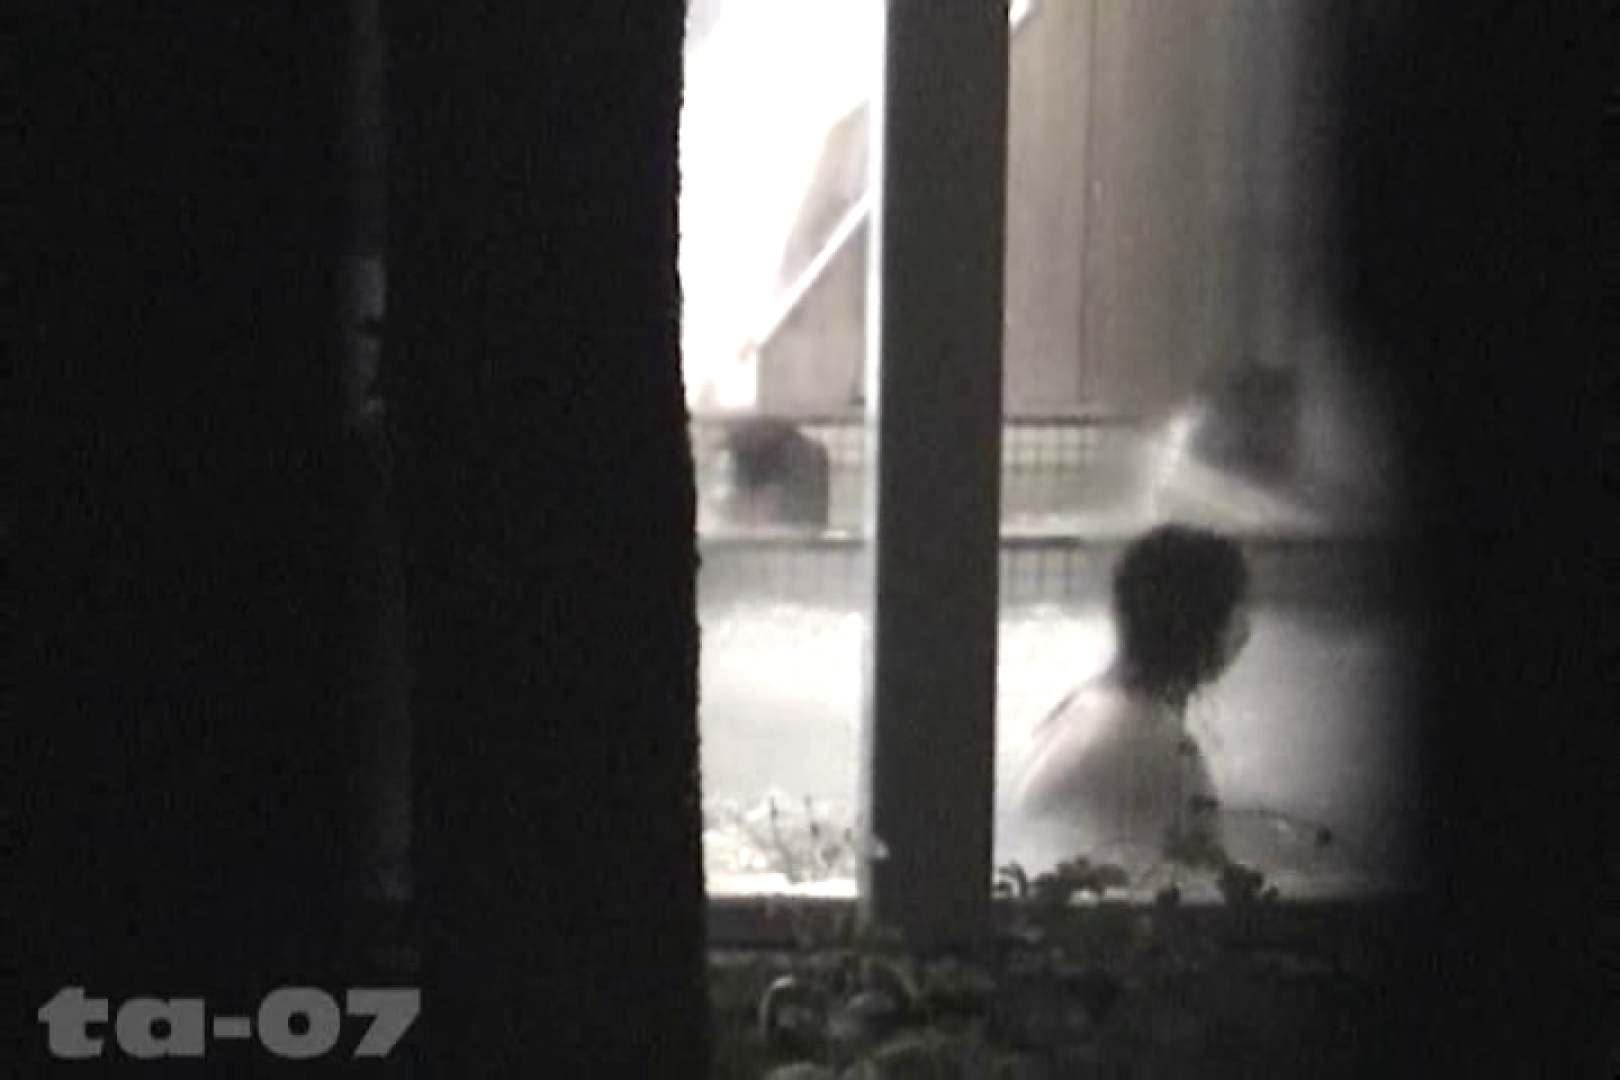 合宿ホテル女風呂盗撮高画質版 Vol.07 合宿中の出来事 | ホテルで絶頂 盗撮 77画像 41